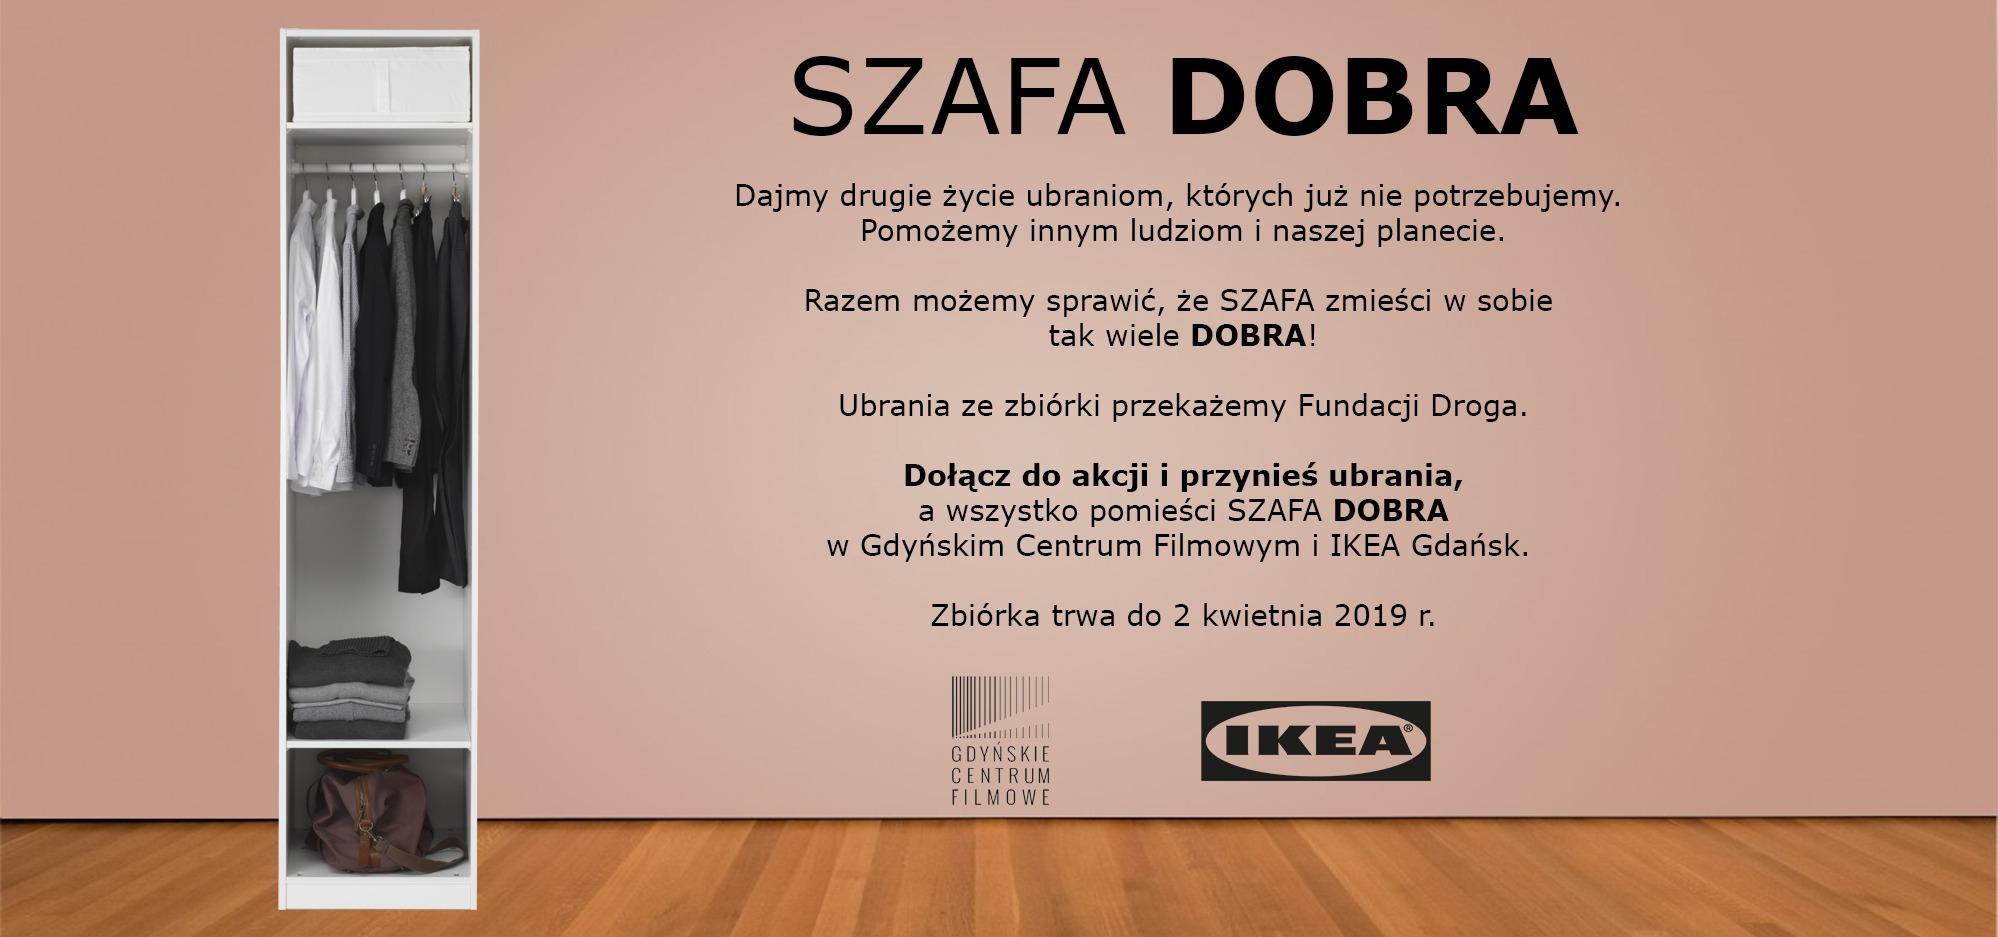 SZAFA DOBRA – nowa niezwykła akcja IKEA GDAŃSK i Gdyńskiego Centrum Filmowego